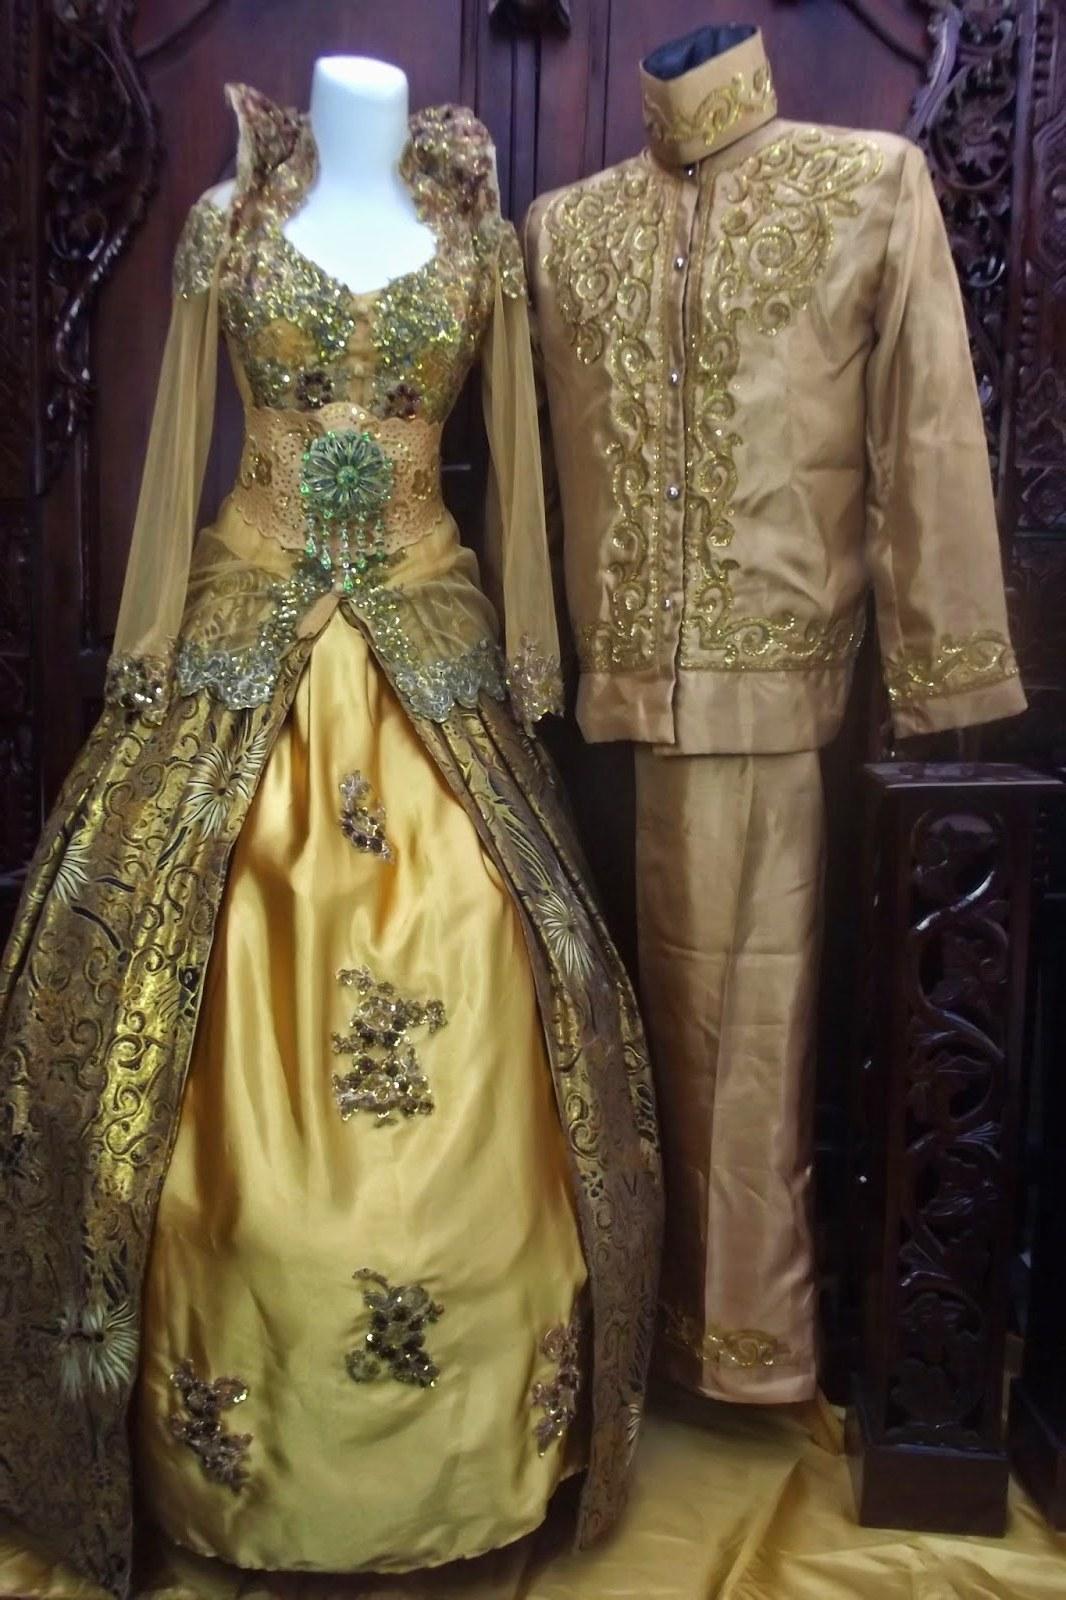 Ide Sewa Baju Pengantin Muslimah Syar'i 8ydm Gaun Pengantin Muslimah Sewa Kebaya Jakarta